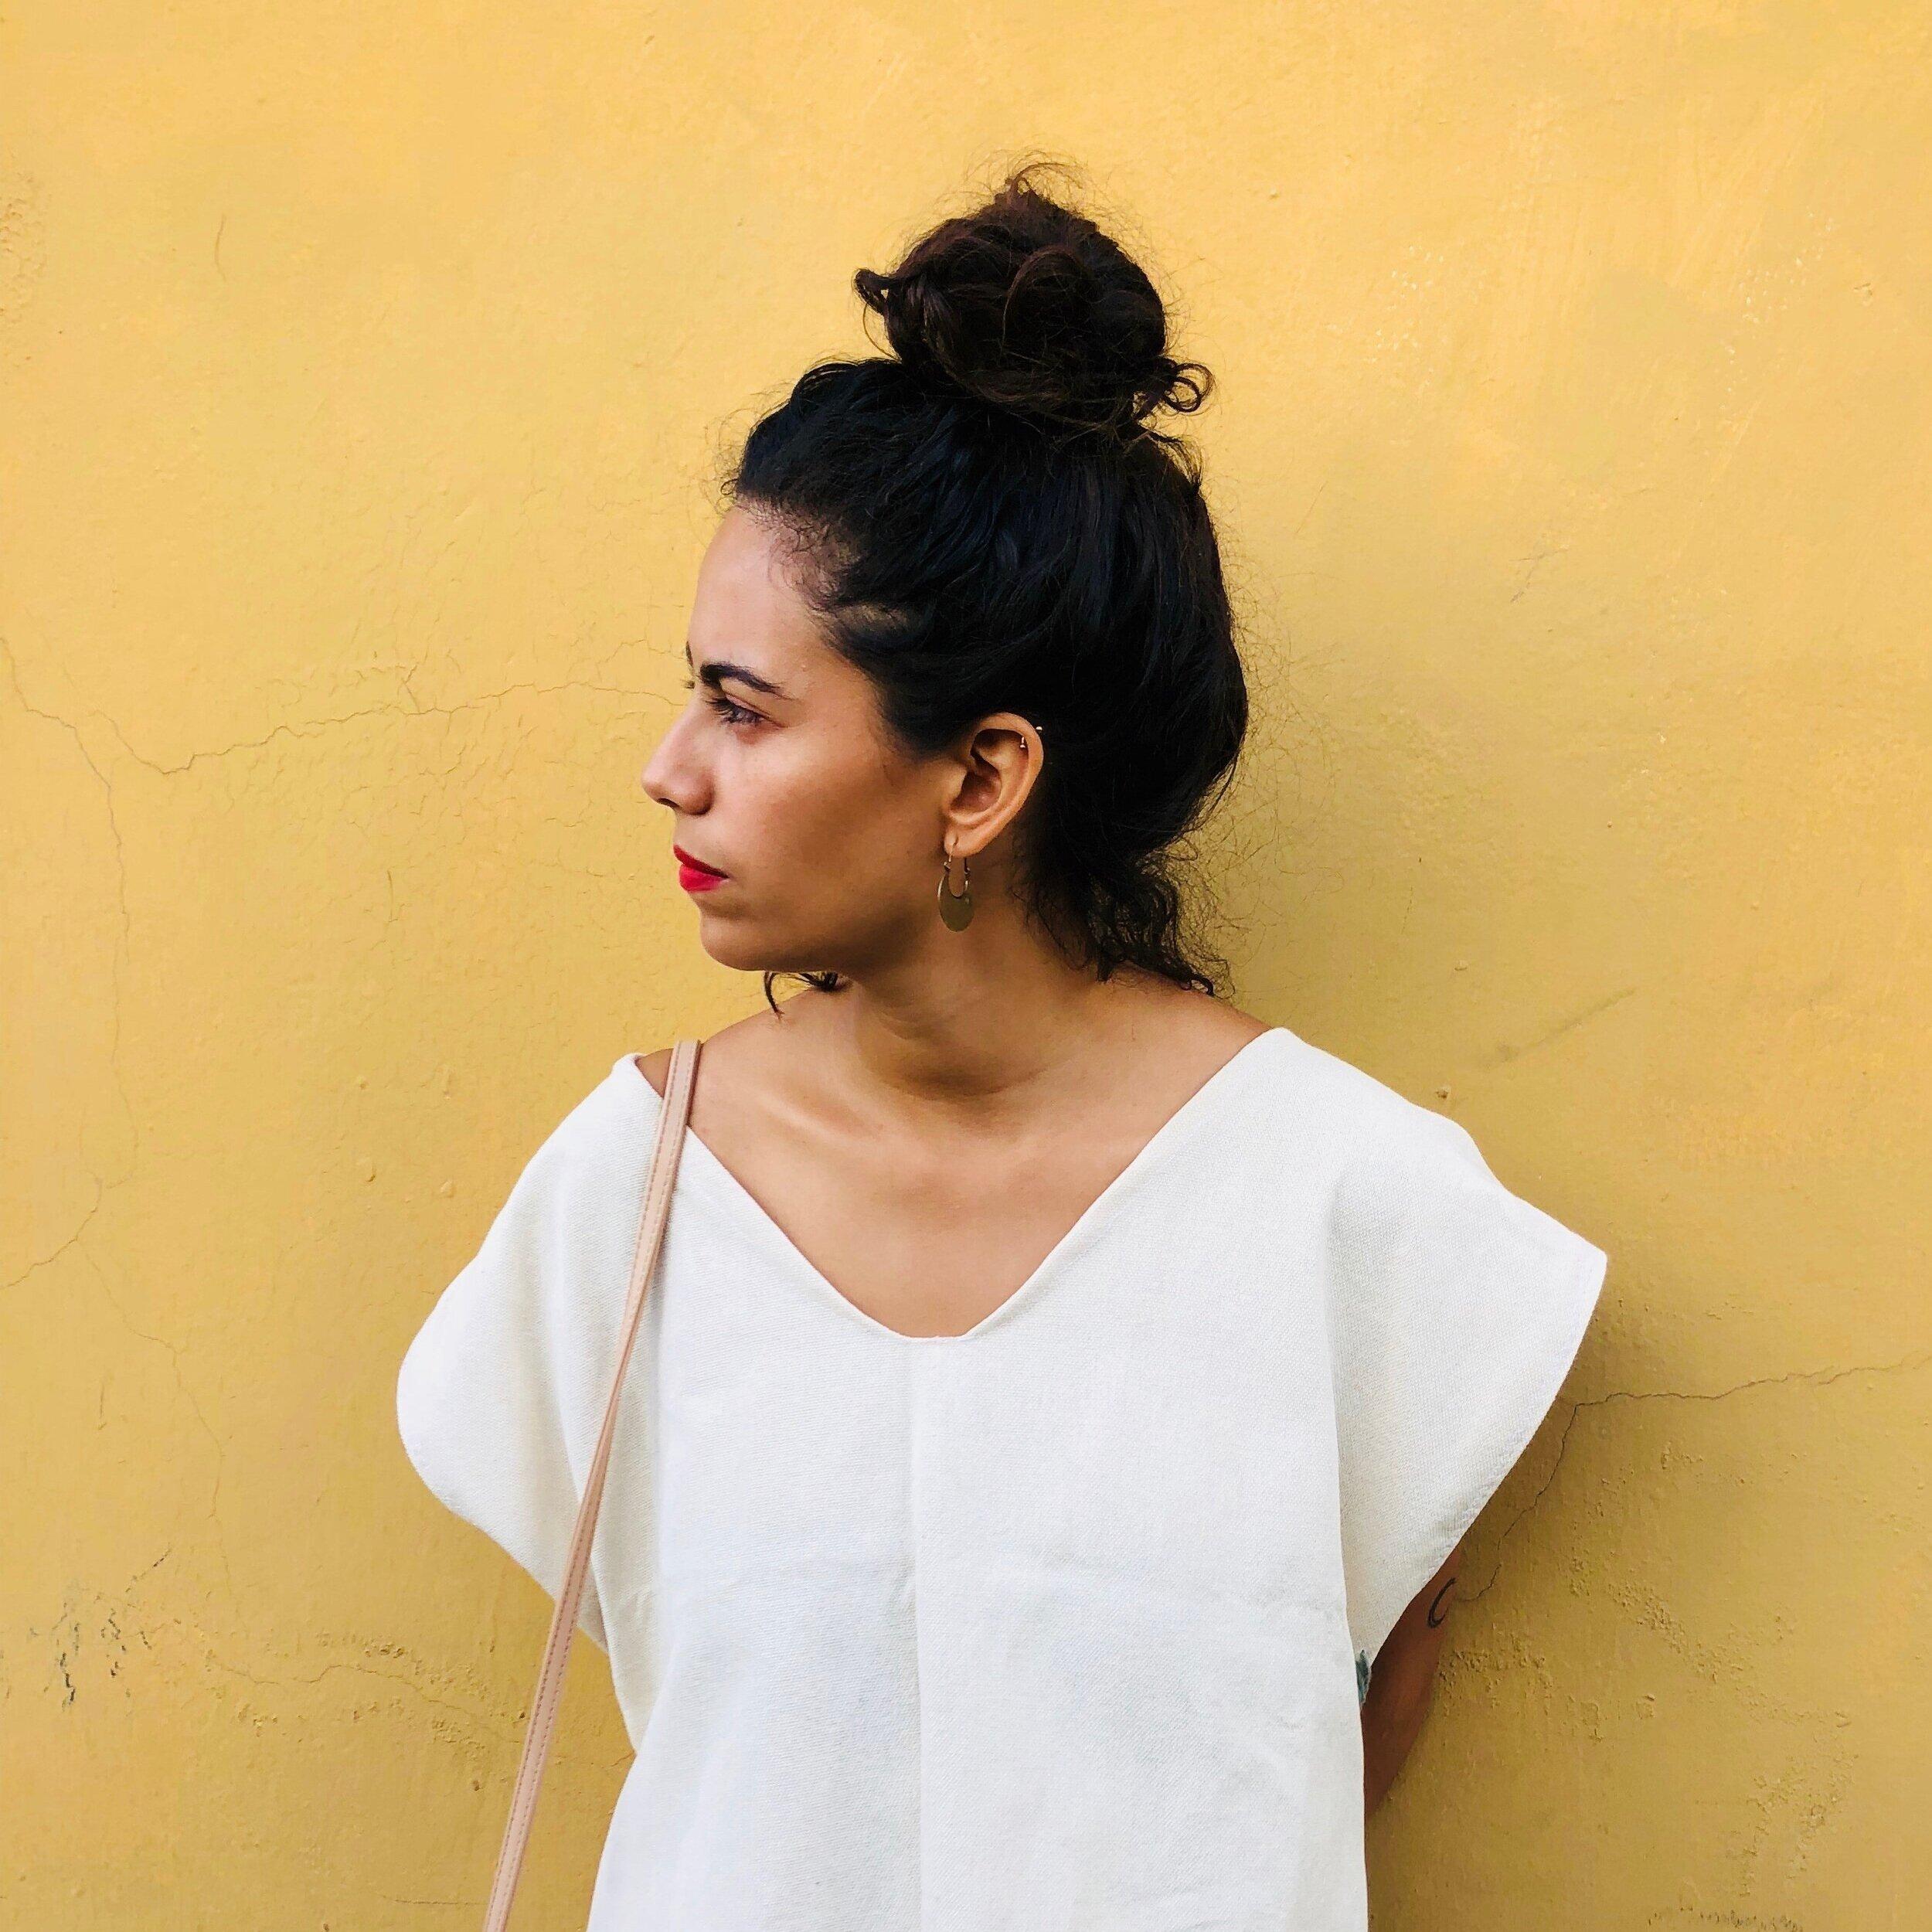 Erandi - Ha trabajado en torno a la autopublicación y la autogestión desde el 2012. Fue editora y co-directora de la Revista Nini y es miembro del colectivo Ediciones Estridentes, donde forma parte de la organización del Encuentro Editorial Contracorriente desde el 2015.Estudió Lengua y Literatura Hispánicas en la Universidad Veracruzana y un posgrado en Promoción de Lectura. Ha impartido talleres y realizado diversas actividades en torno a los libros y la lectura en diferentes puntos del país.